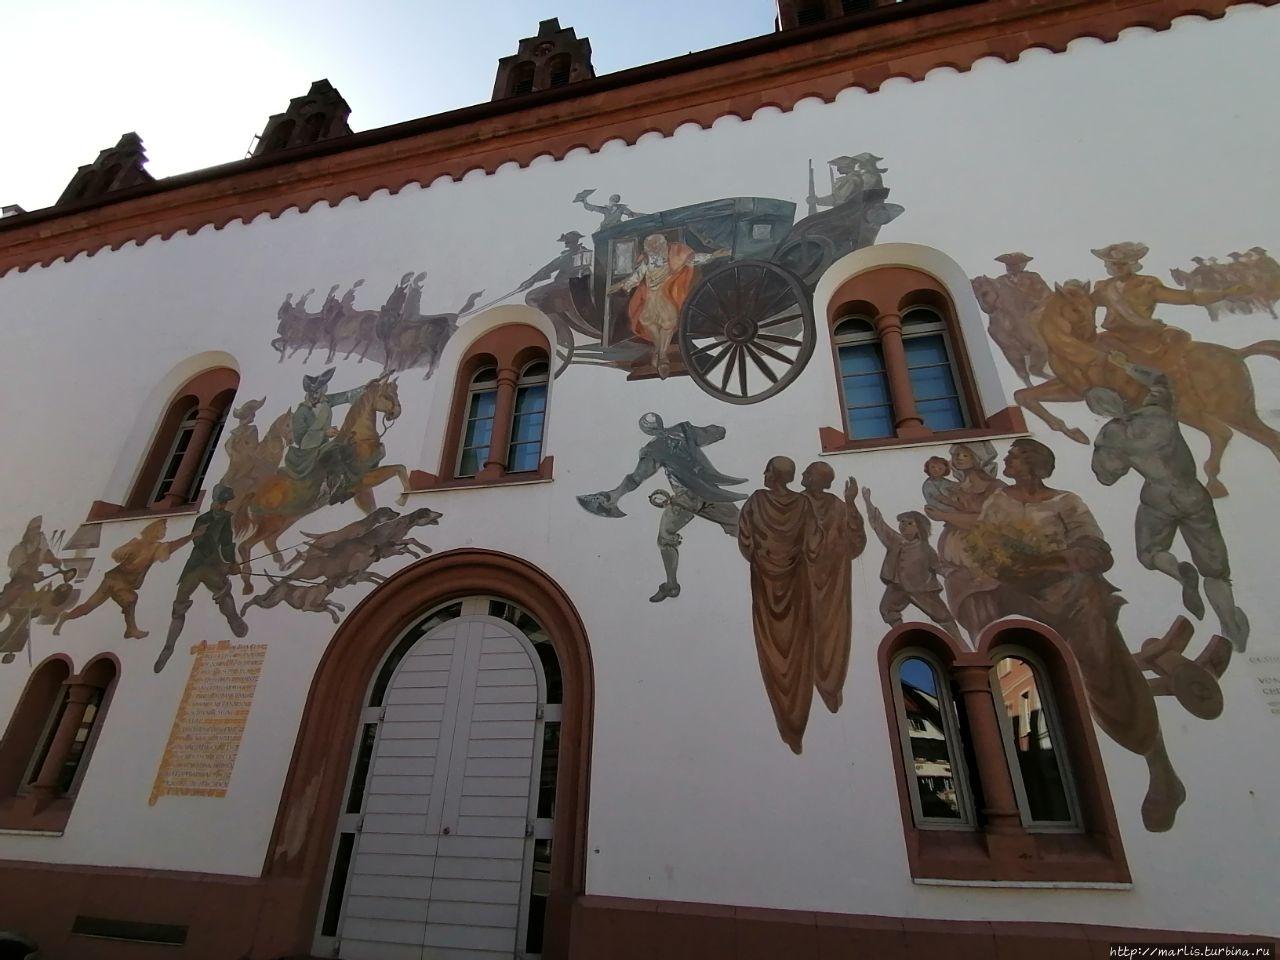 Фреска на стене Кауфхауза